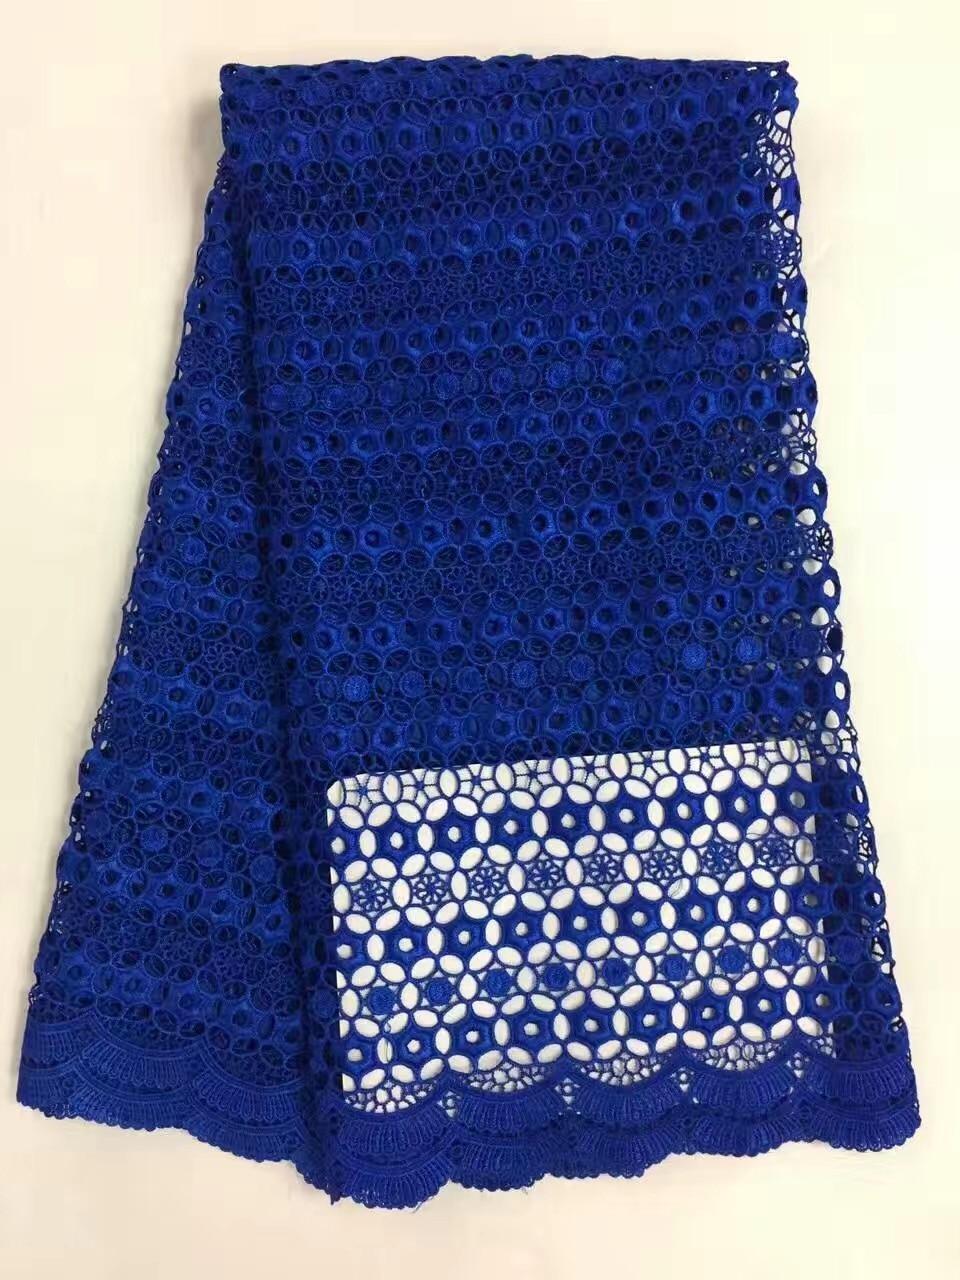 RL110802 Horký africký polyesterový nigérijský krajkový šněrovací krajka, vysoce kvalitní ve vodě rozpustná krajka Tkanina pro svatební šaty 5 let / šarže